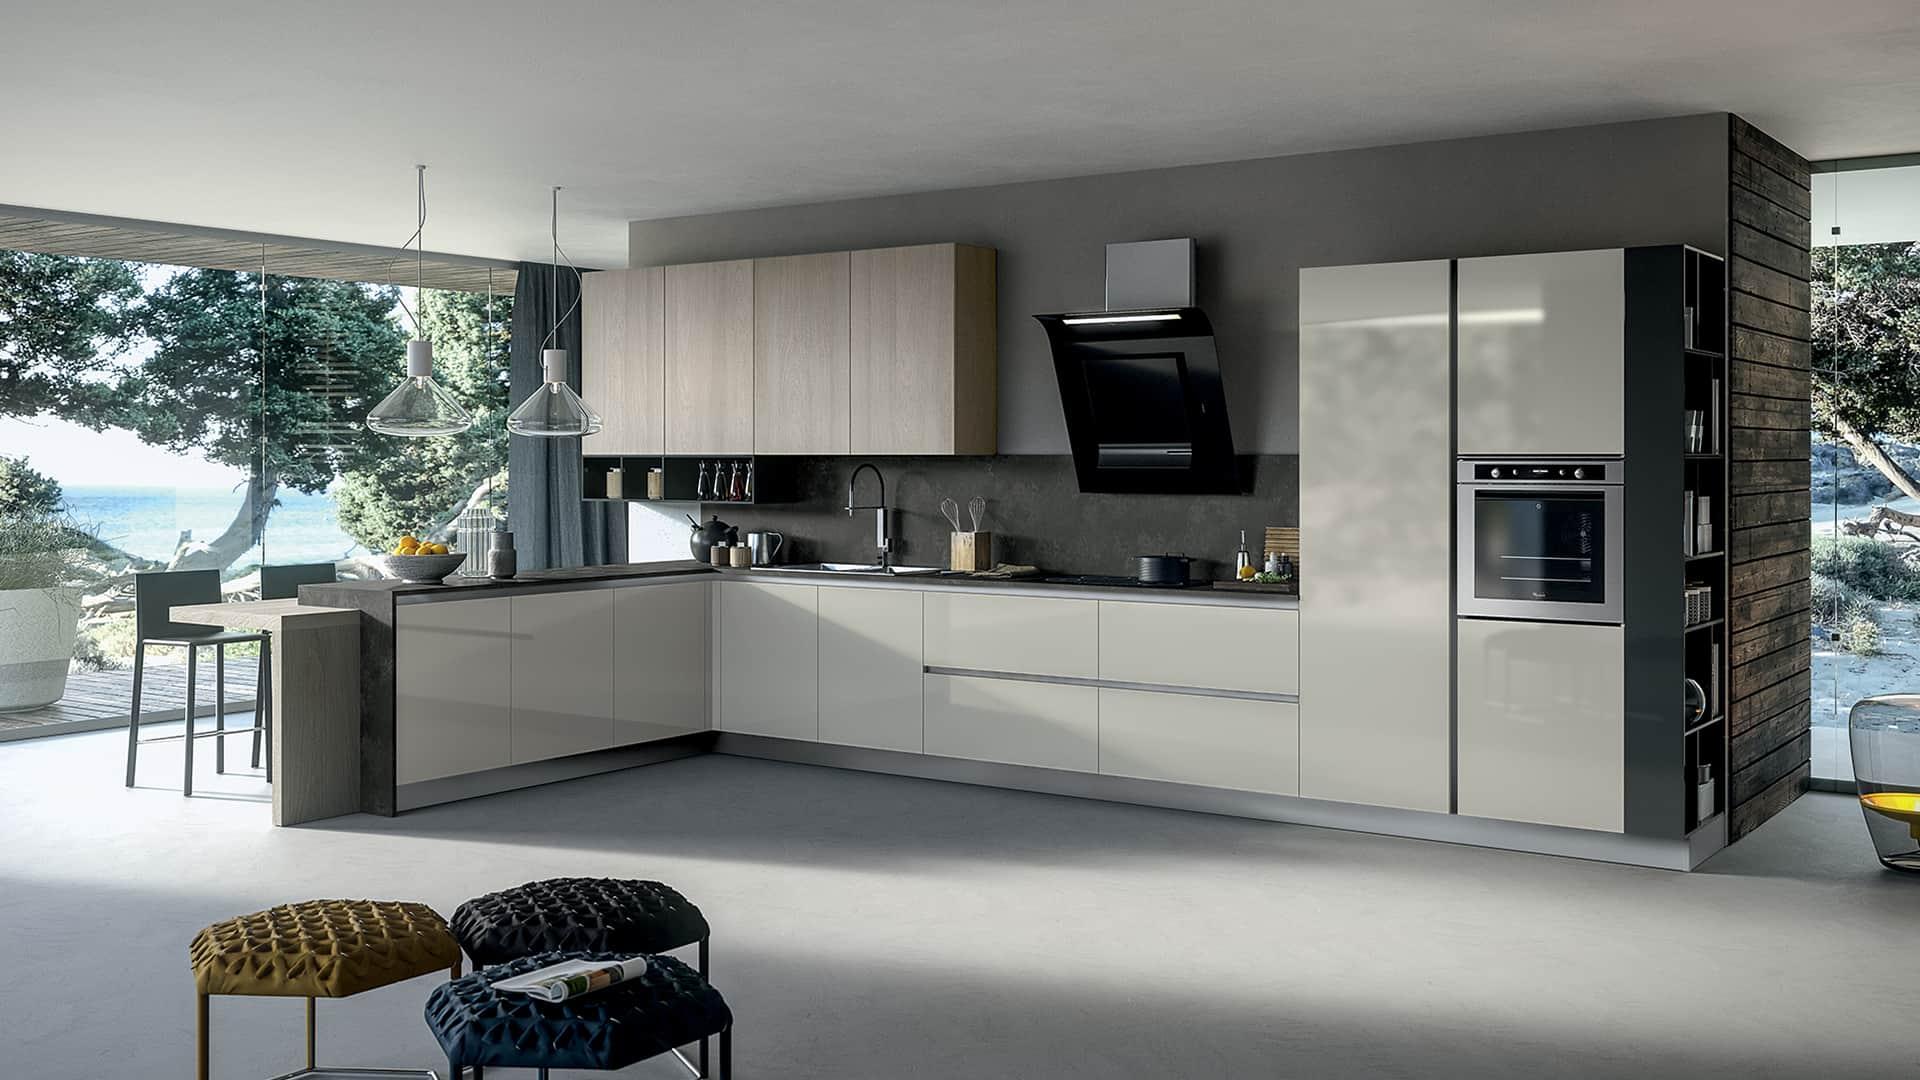 Cucine Moderne Con Angolo Cottura Ad Angolo  madgeweb.com idee di interior design